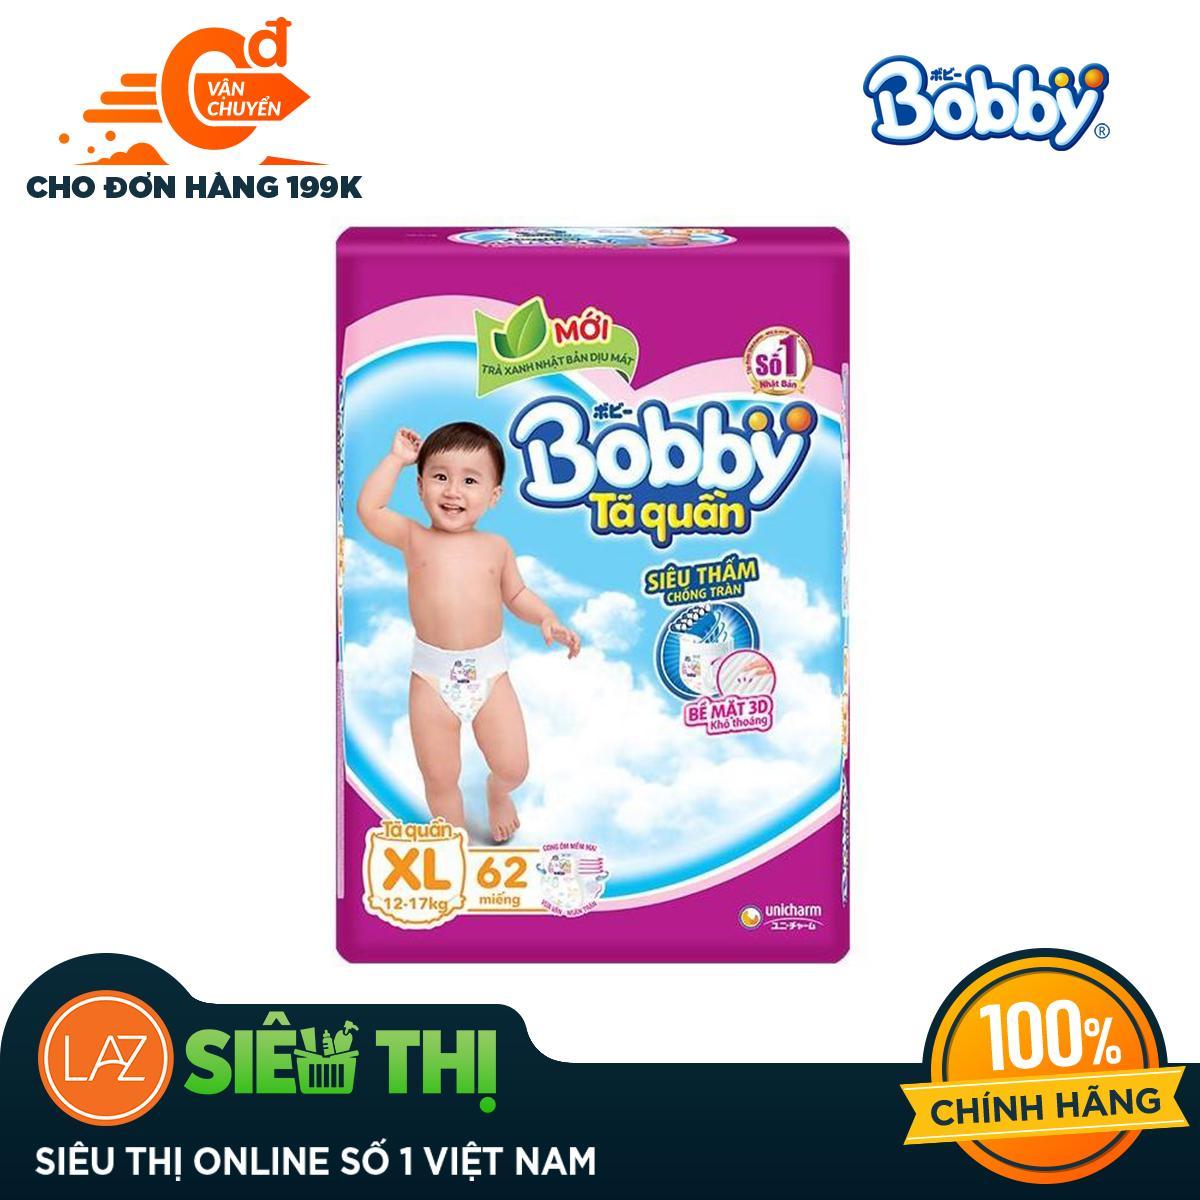 [Siêu thị Lazada] - Tã quần Bobby size XL gói siêu lớn 62 miếng (12-17 kg) (hương trà xanh)